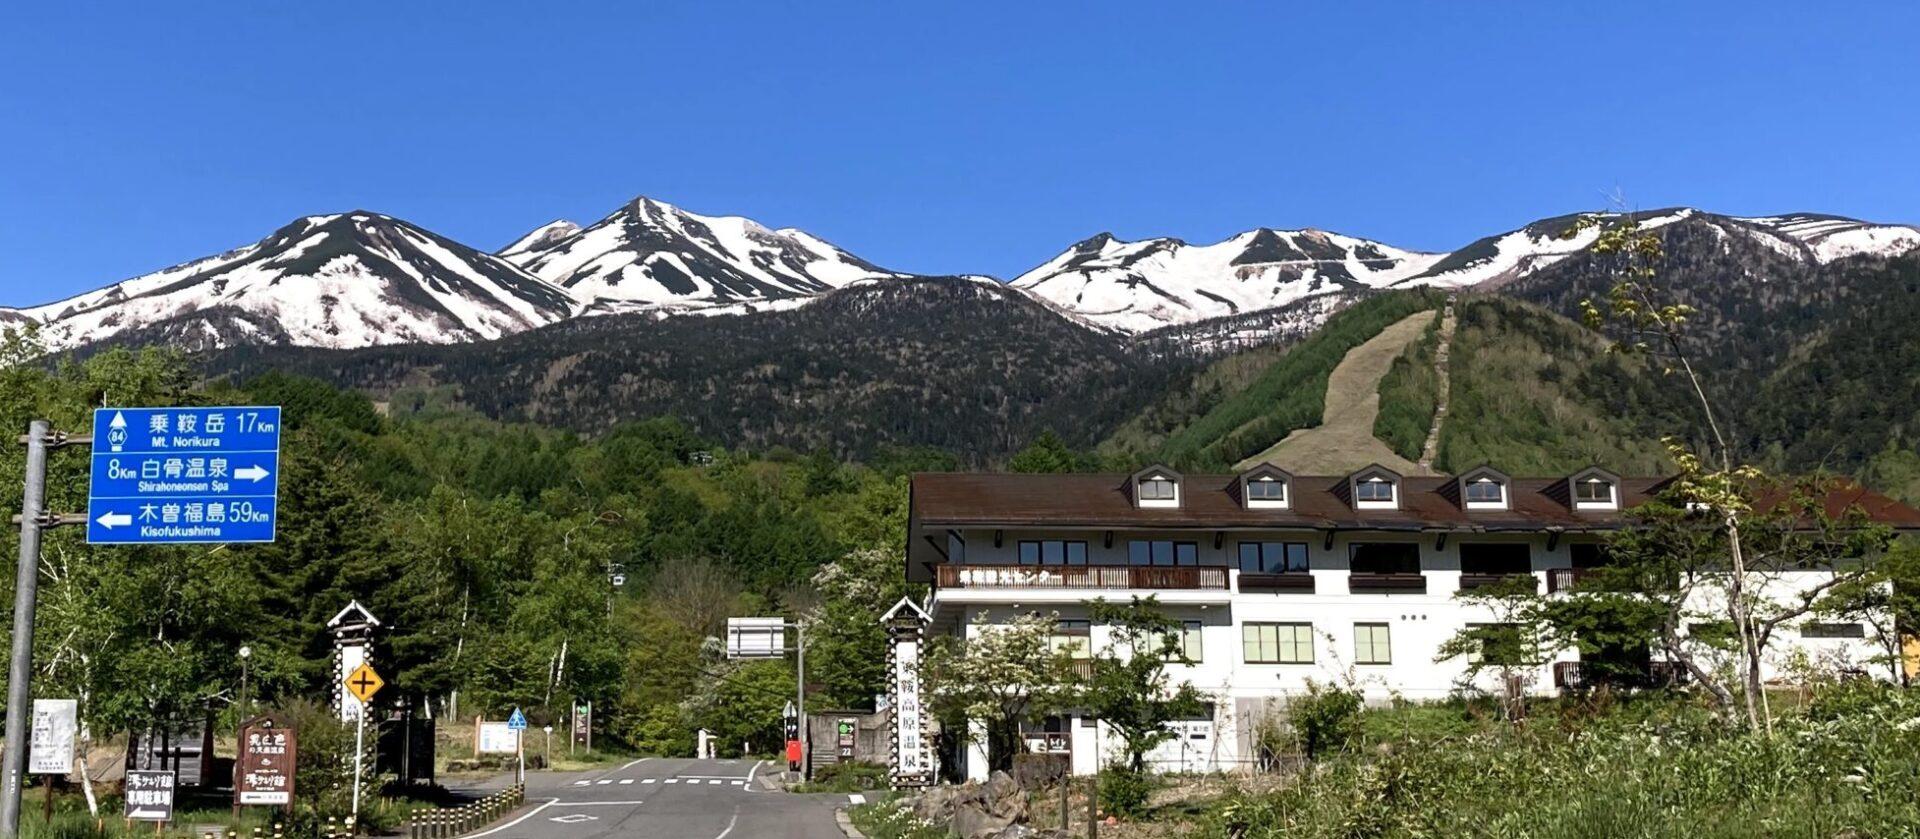 中部山岳国立公園 松本市乗鞍観光センター